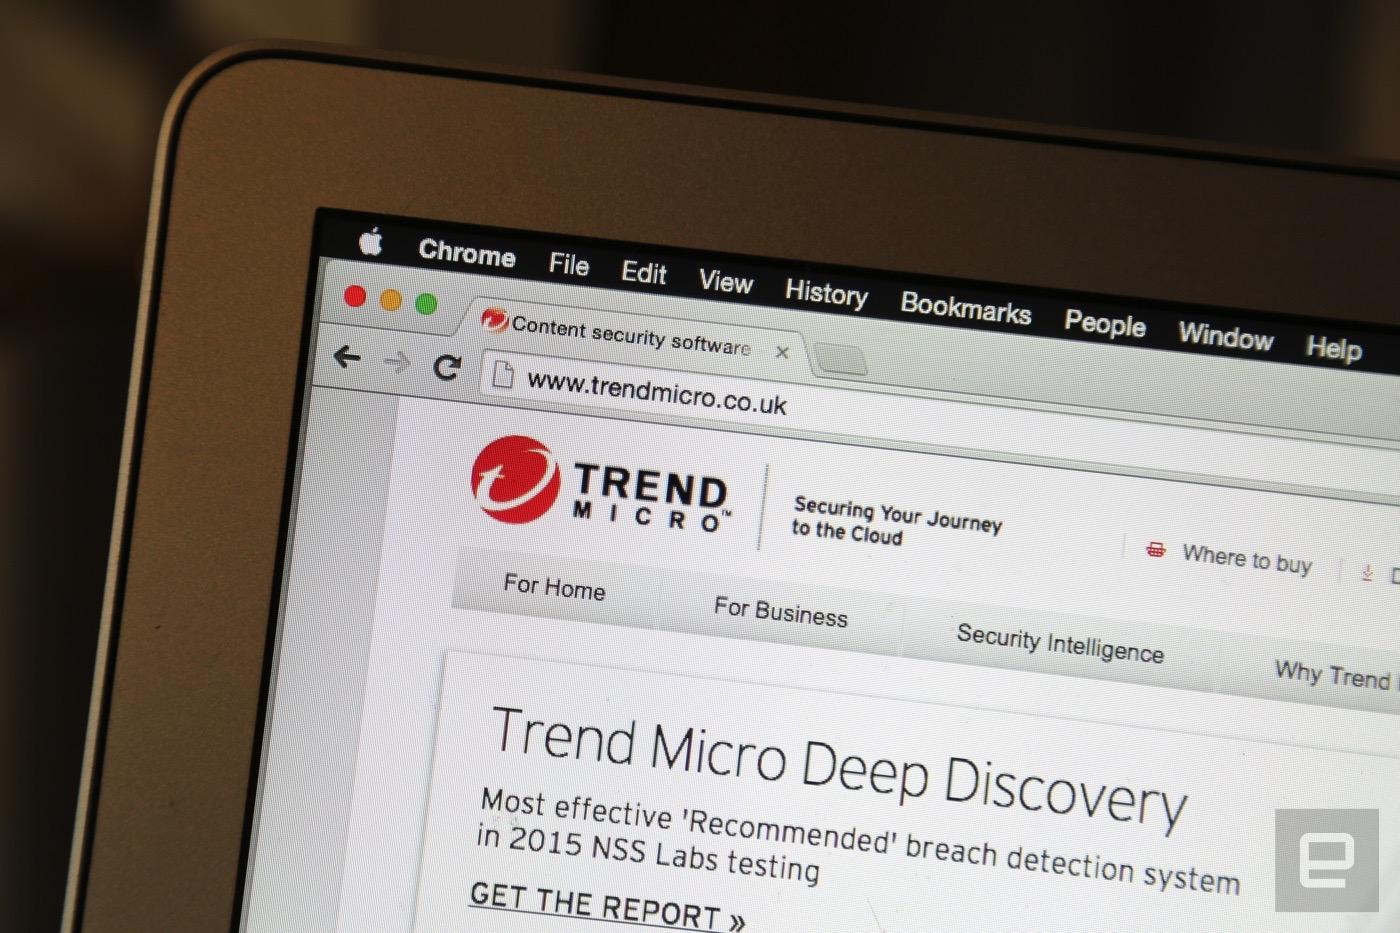 Il software antivirus di Trend Micro lascia gli utenti aperti allattacco